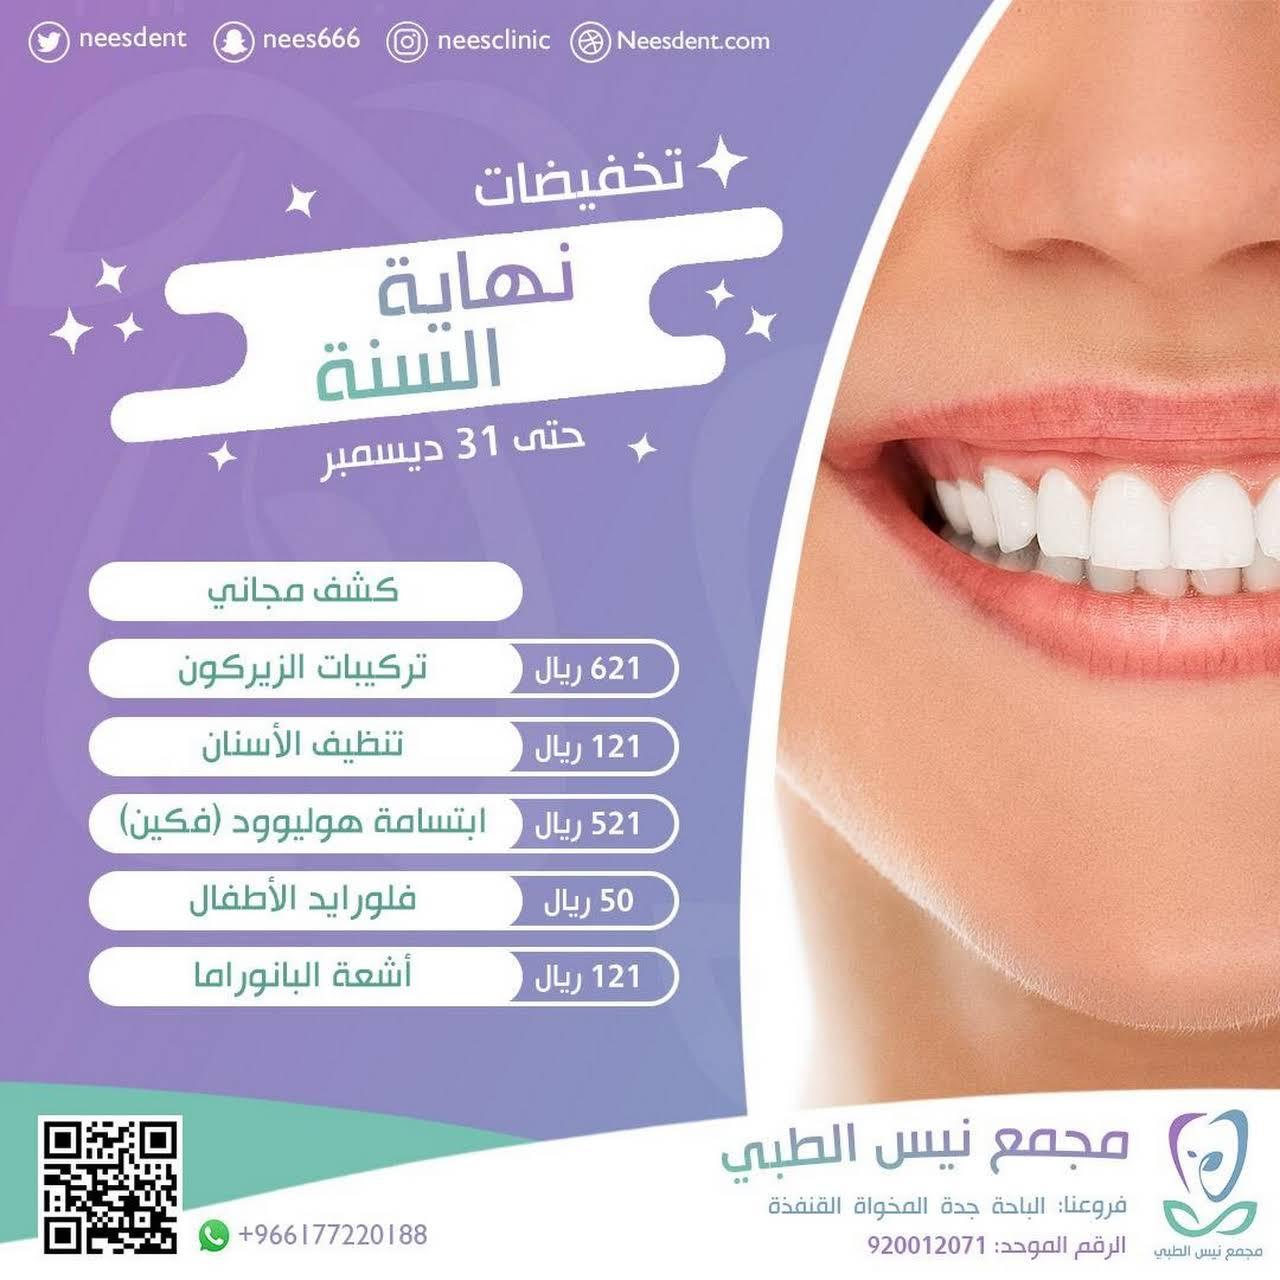 عيادات نيس للأسنان جده ع يادة أسنان في جدة